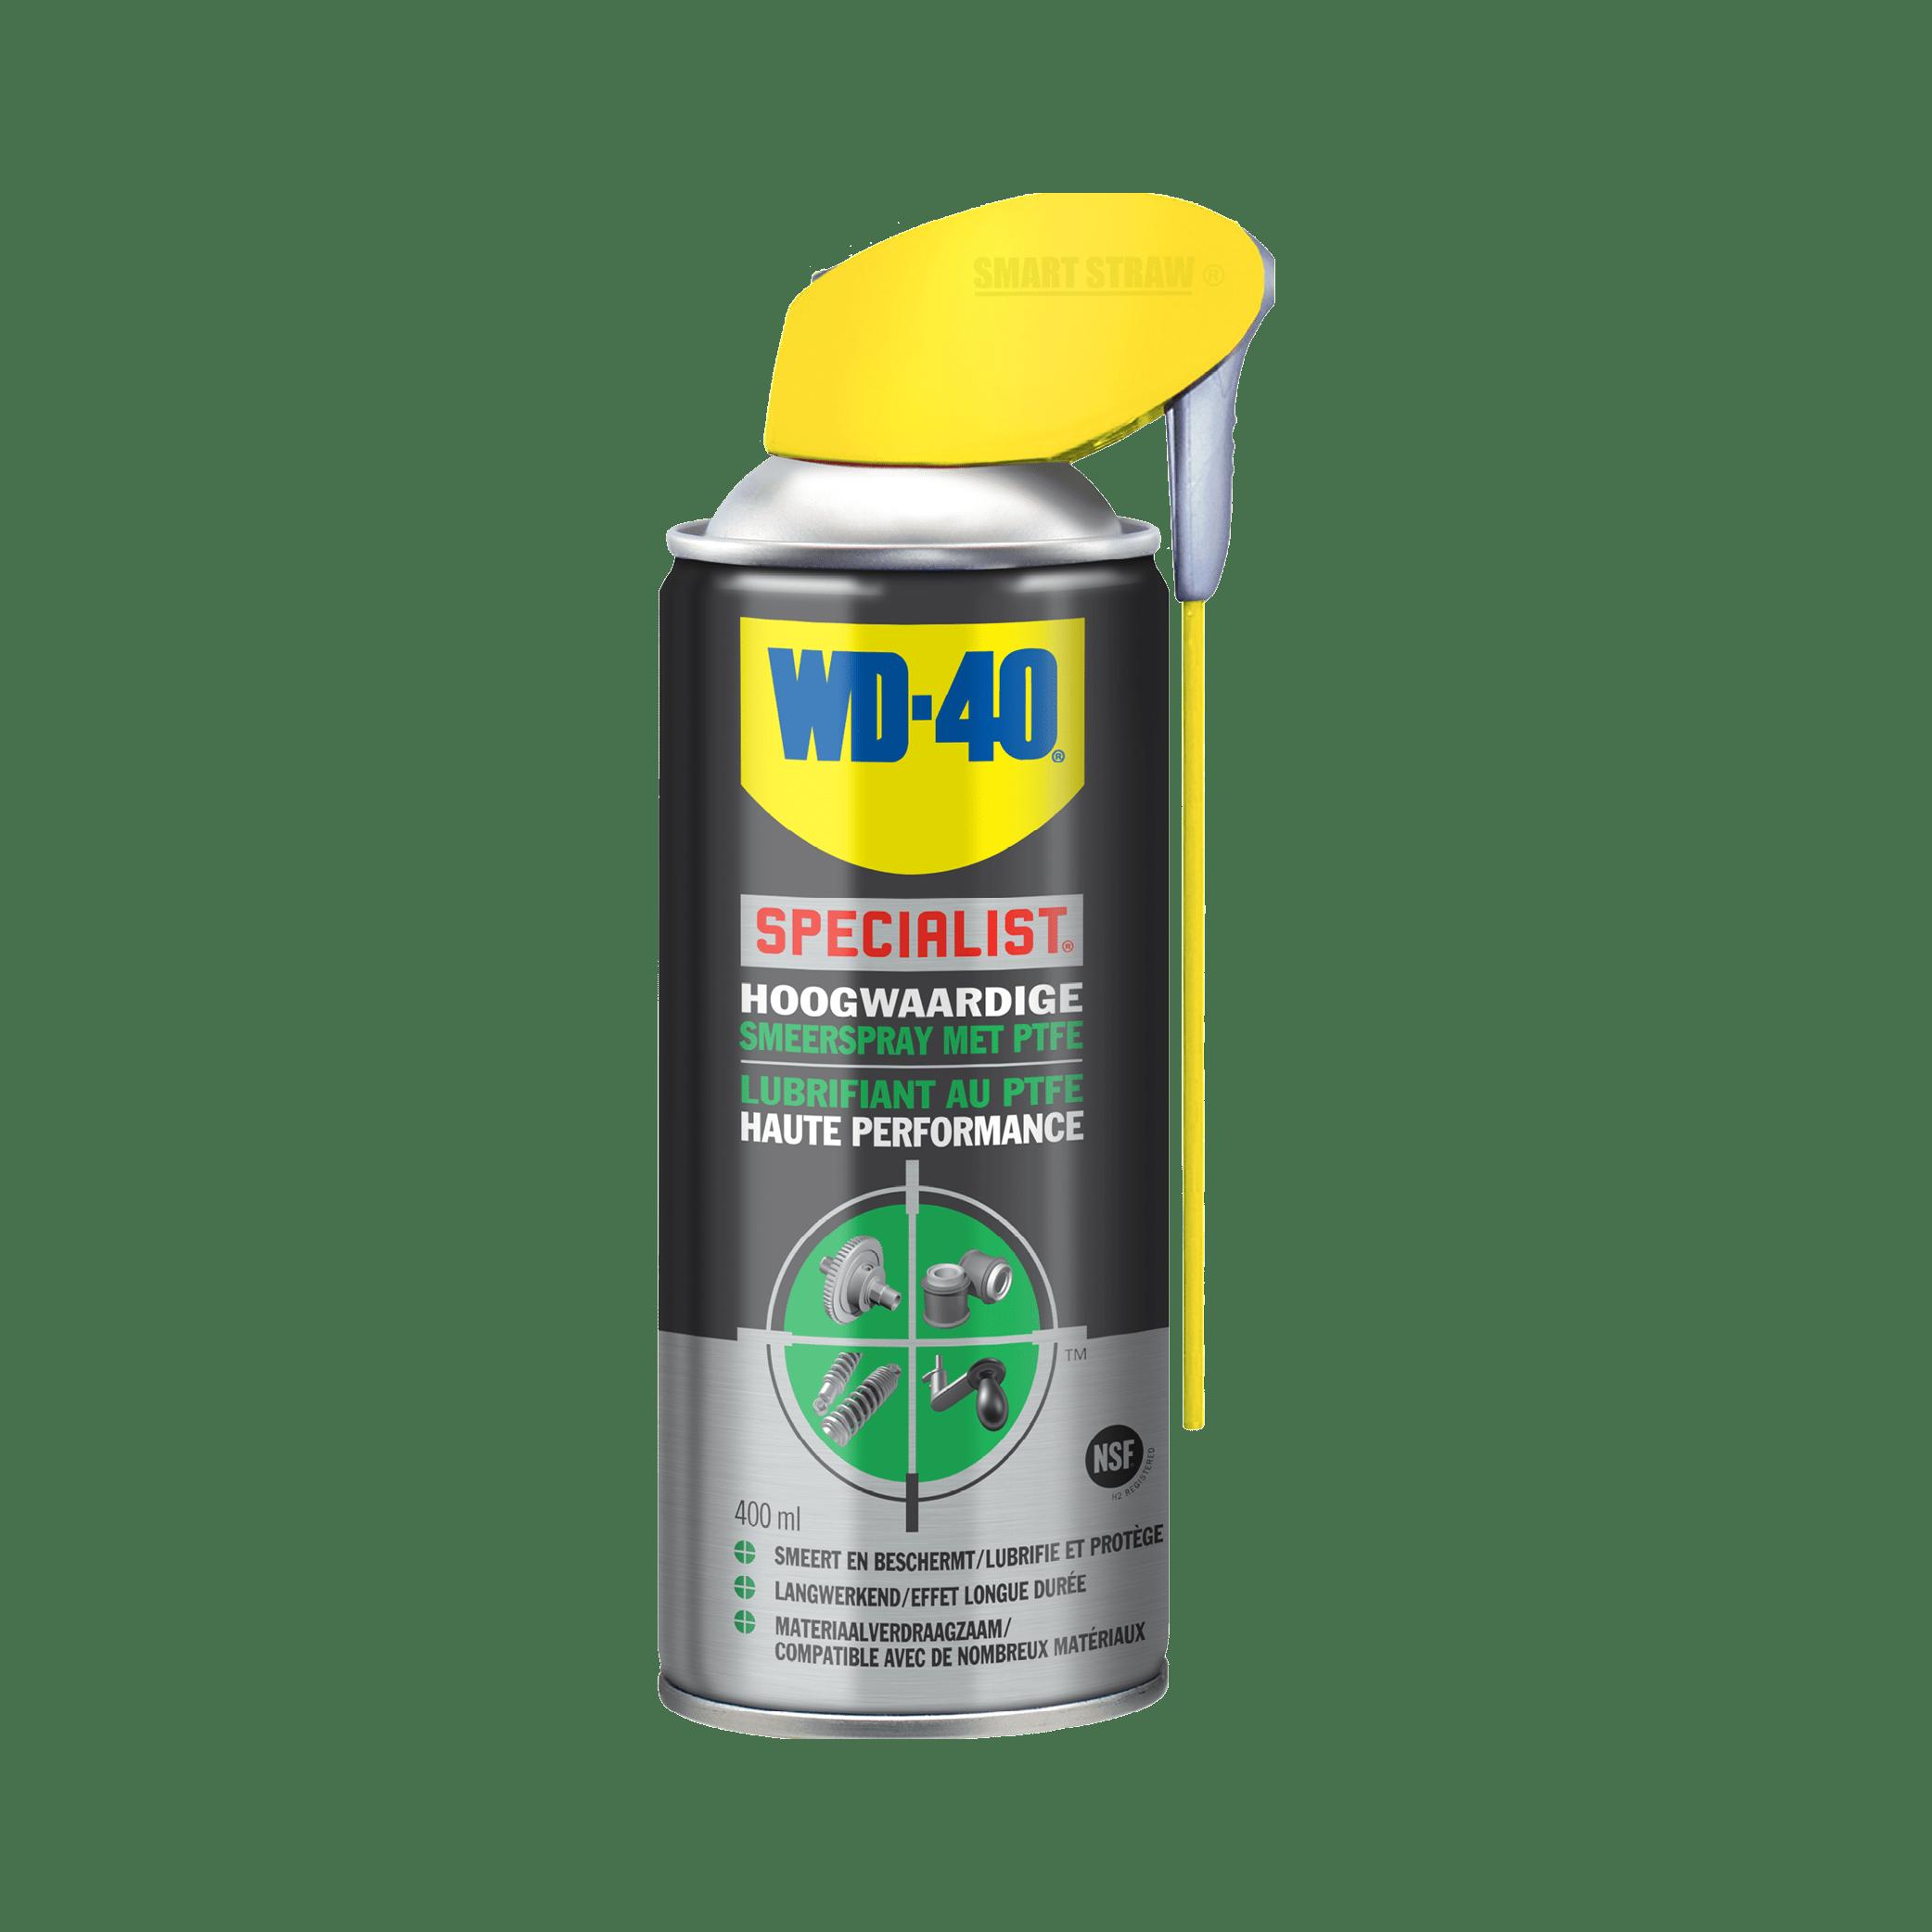 WD-40-Smeerspray-met-ptfe-1000x1000